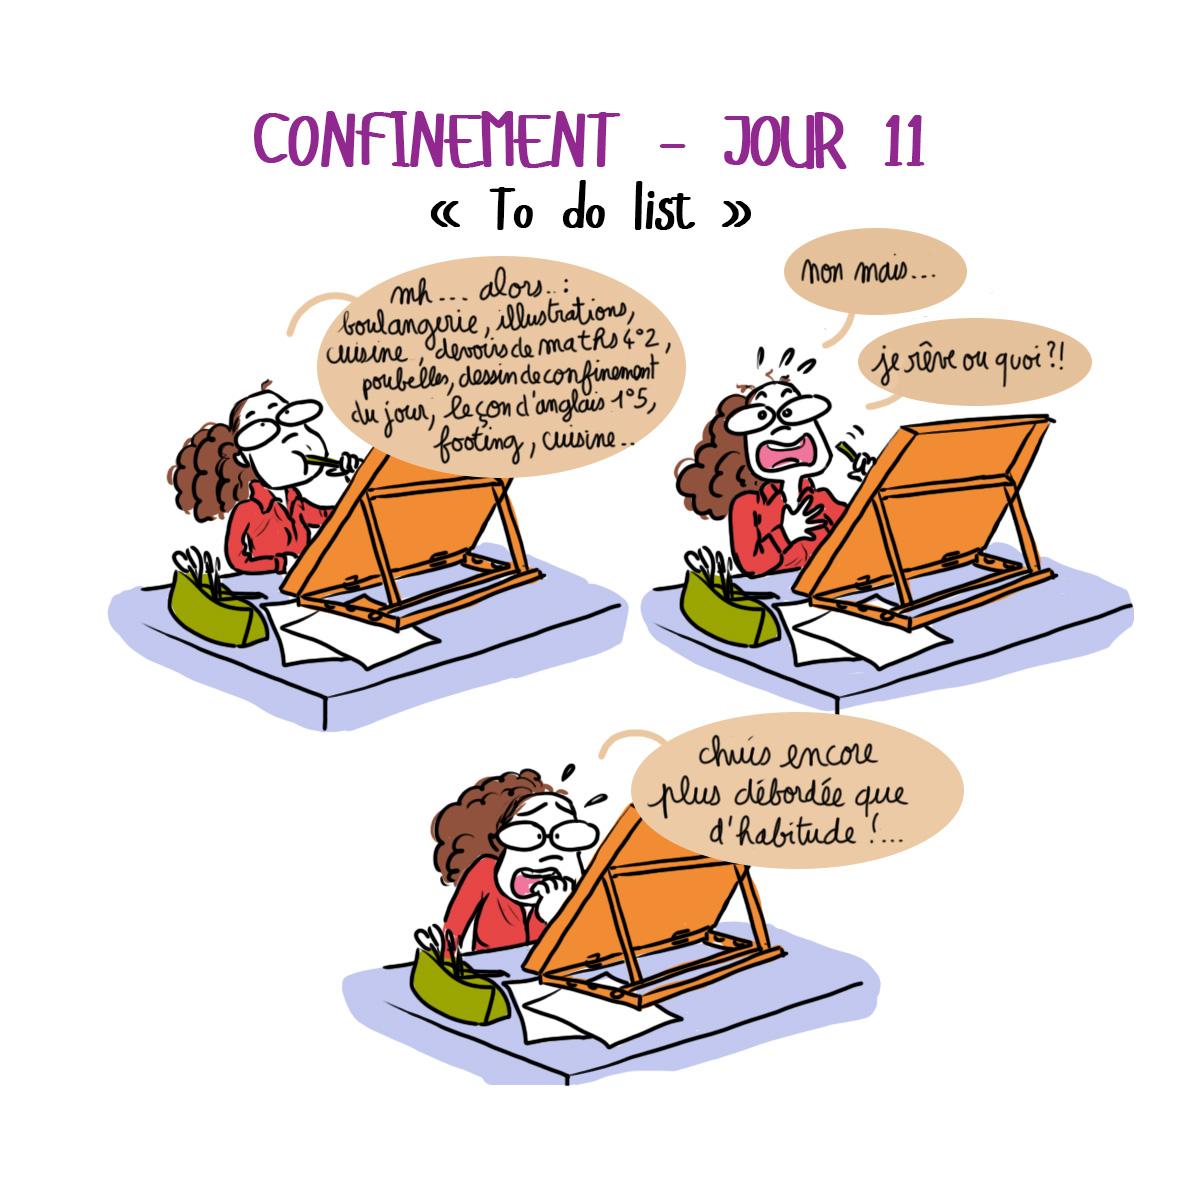 Journal de confinement - jour 11